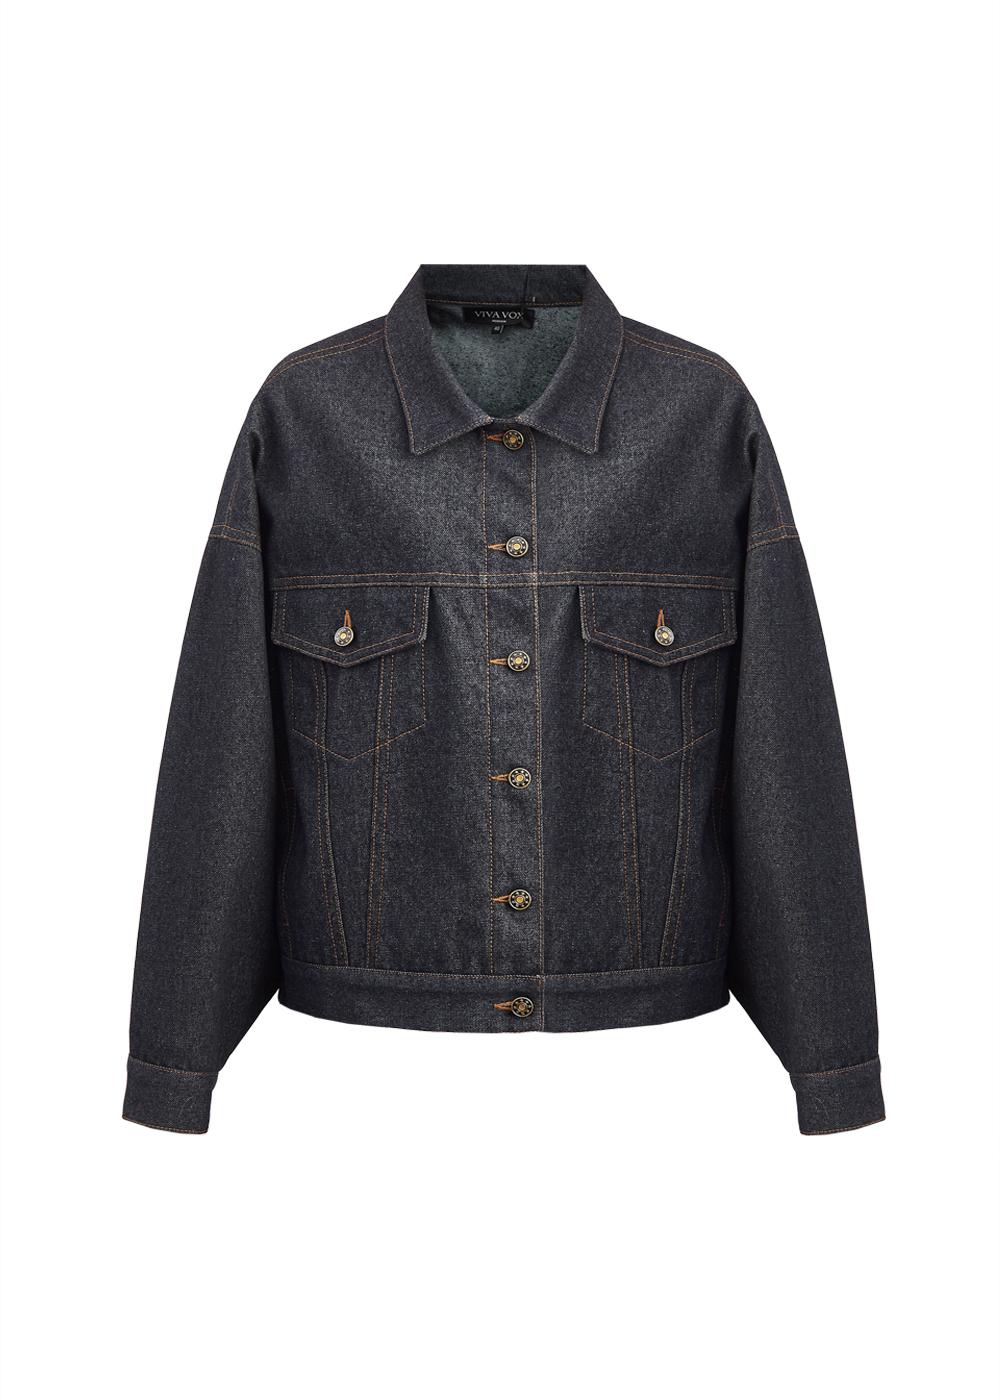 Купить Viva Vox джинсовая куртка